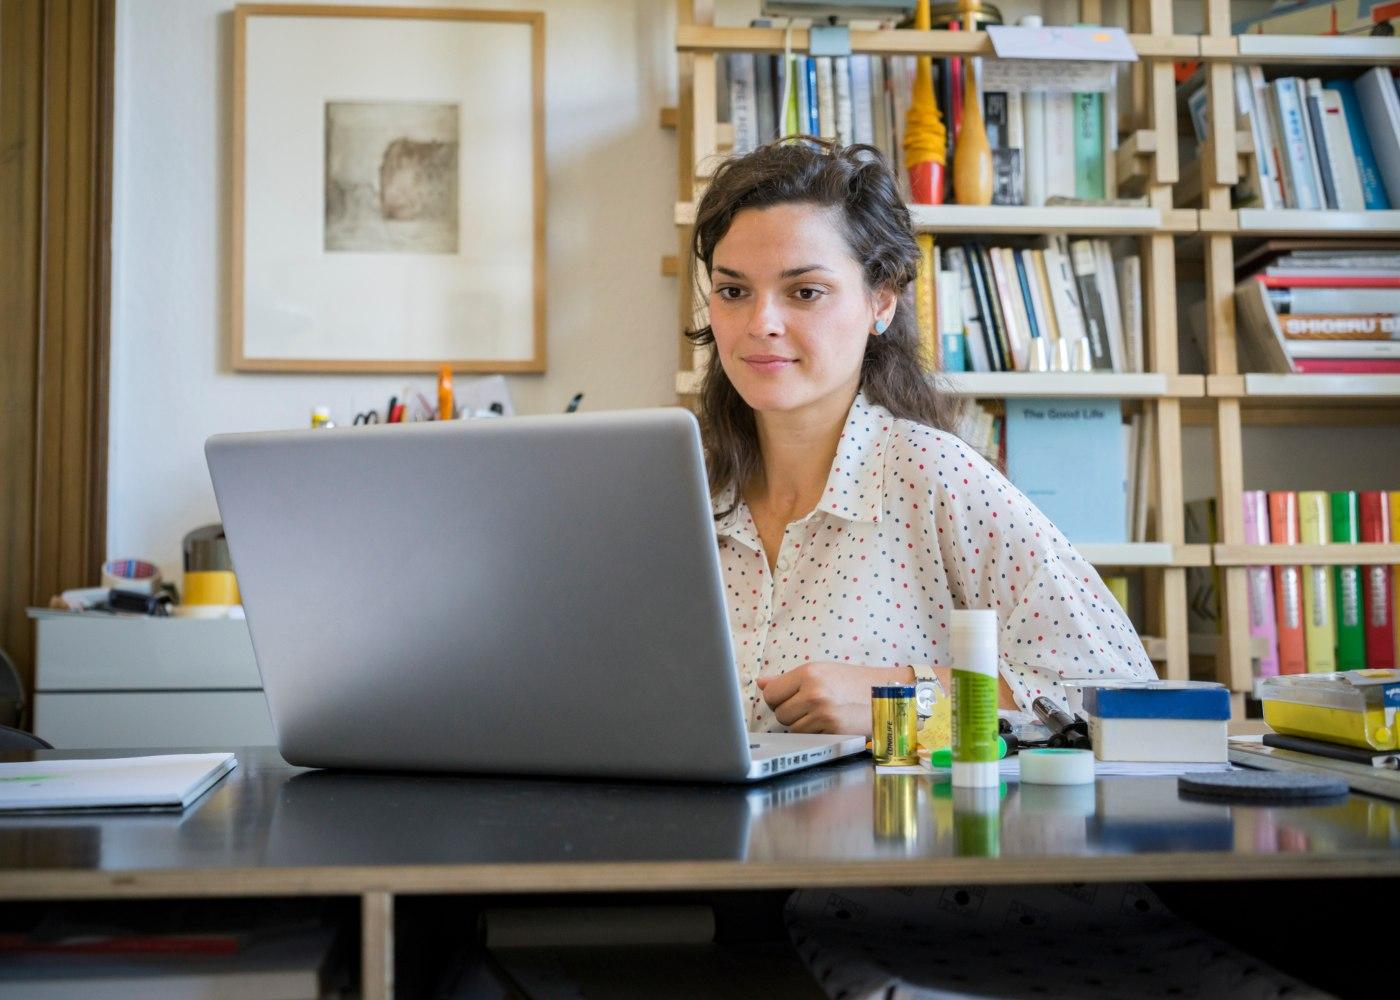 impacto da pandemia nos estágios: jovem a trabalhar de casa